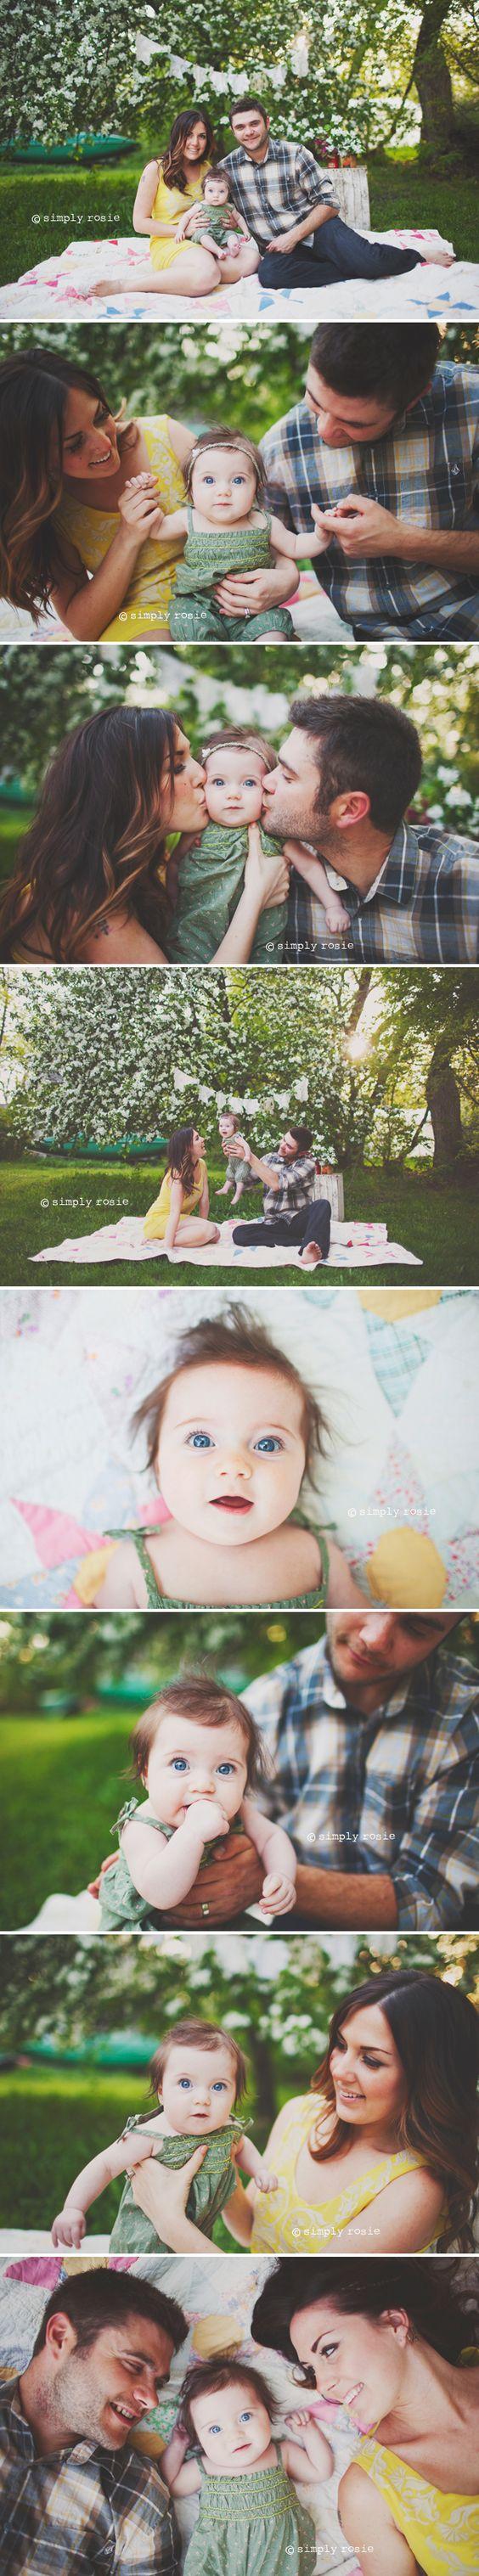 Adorable family shoot